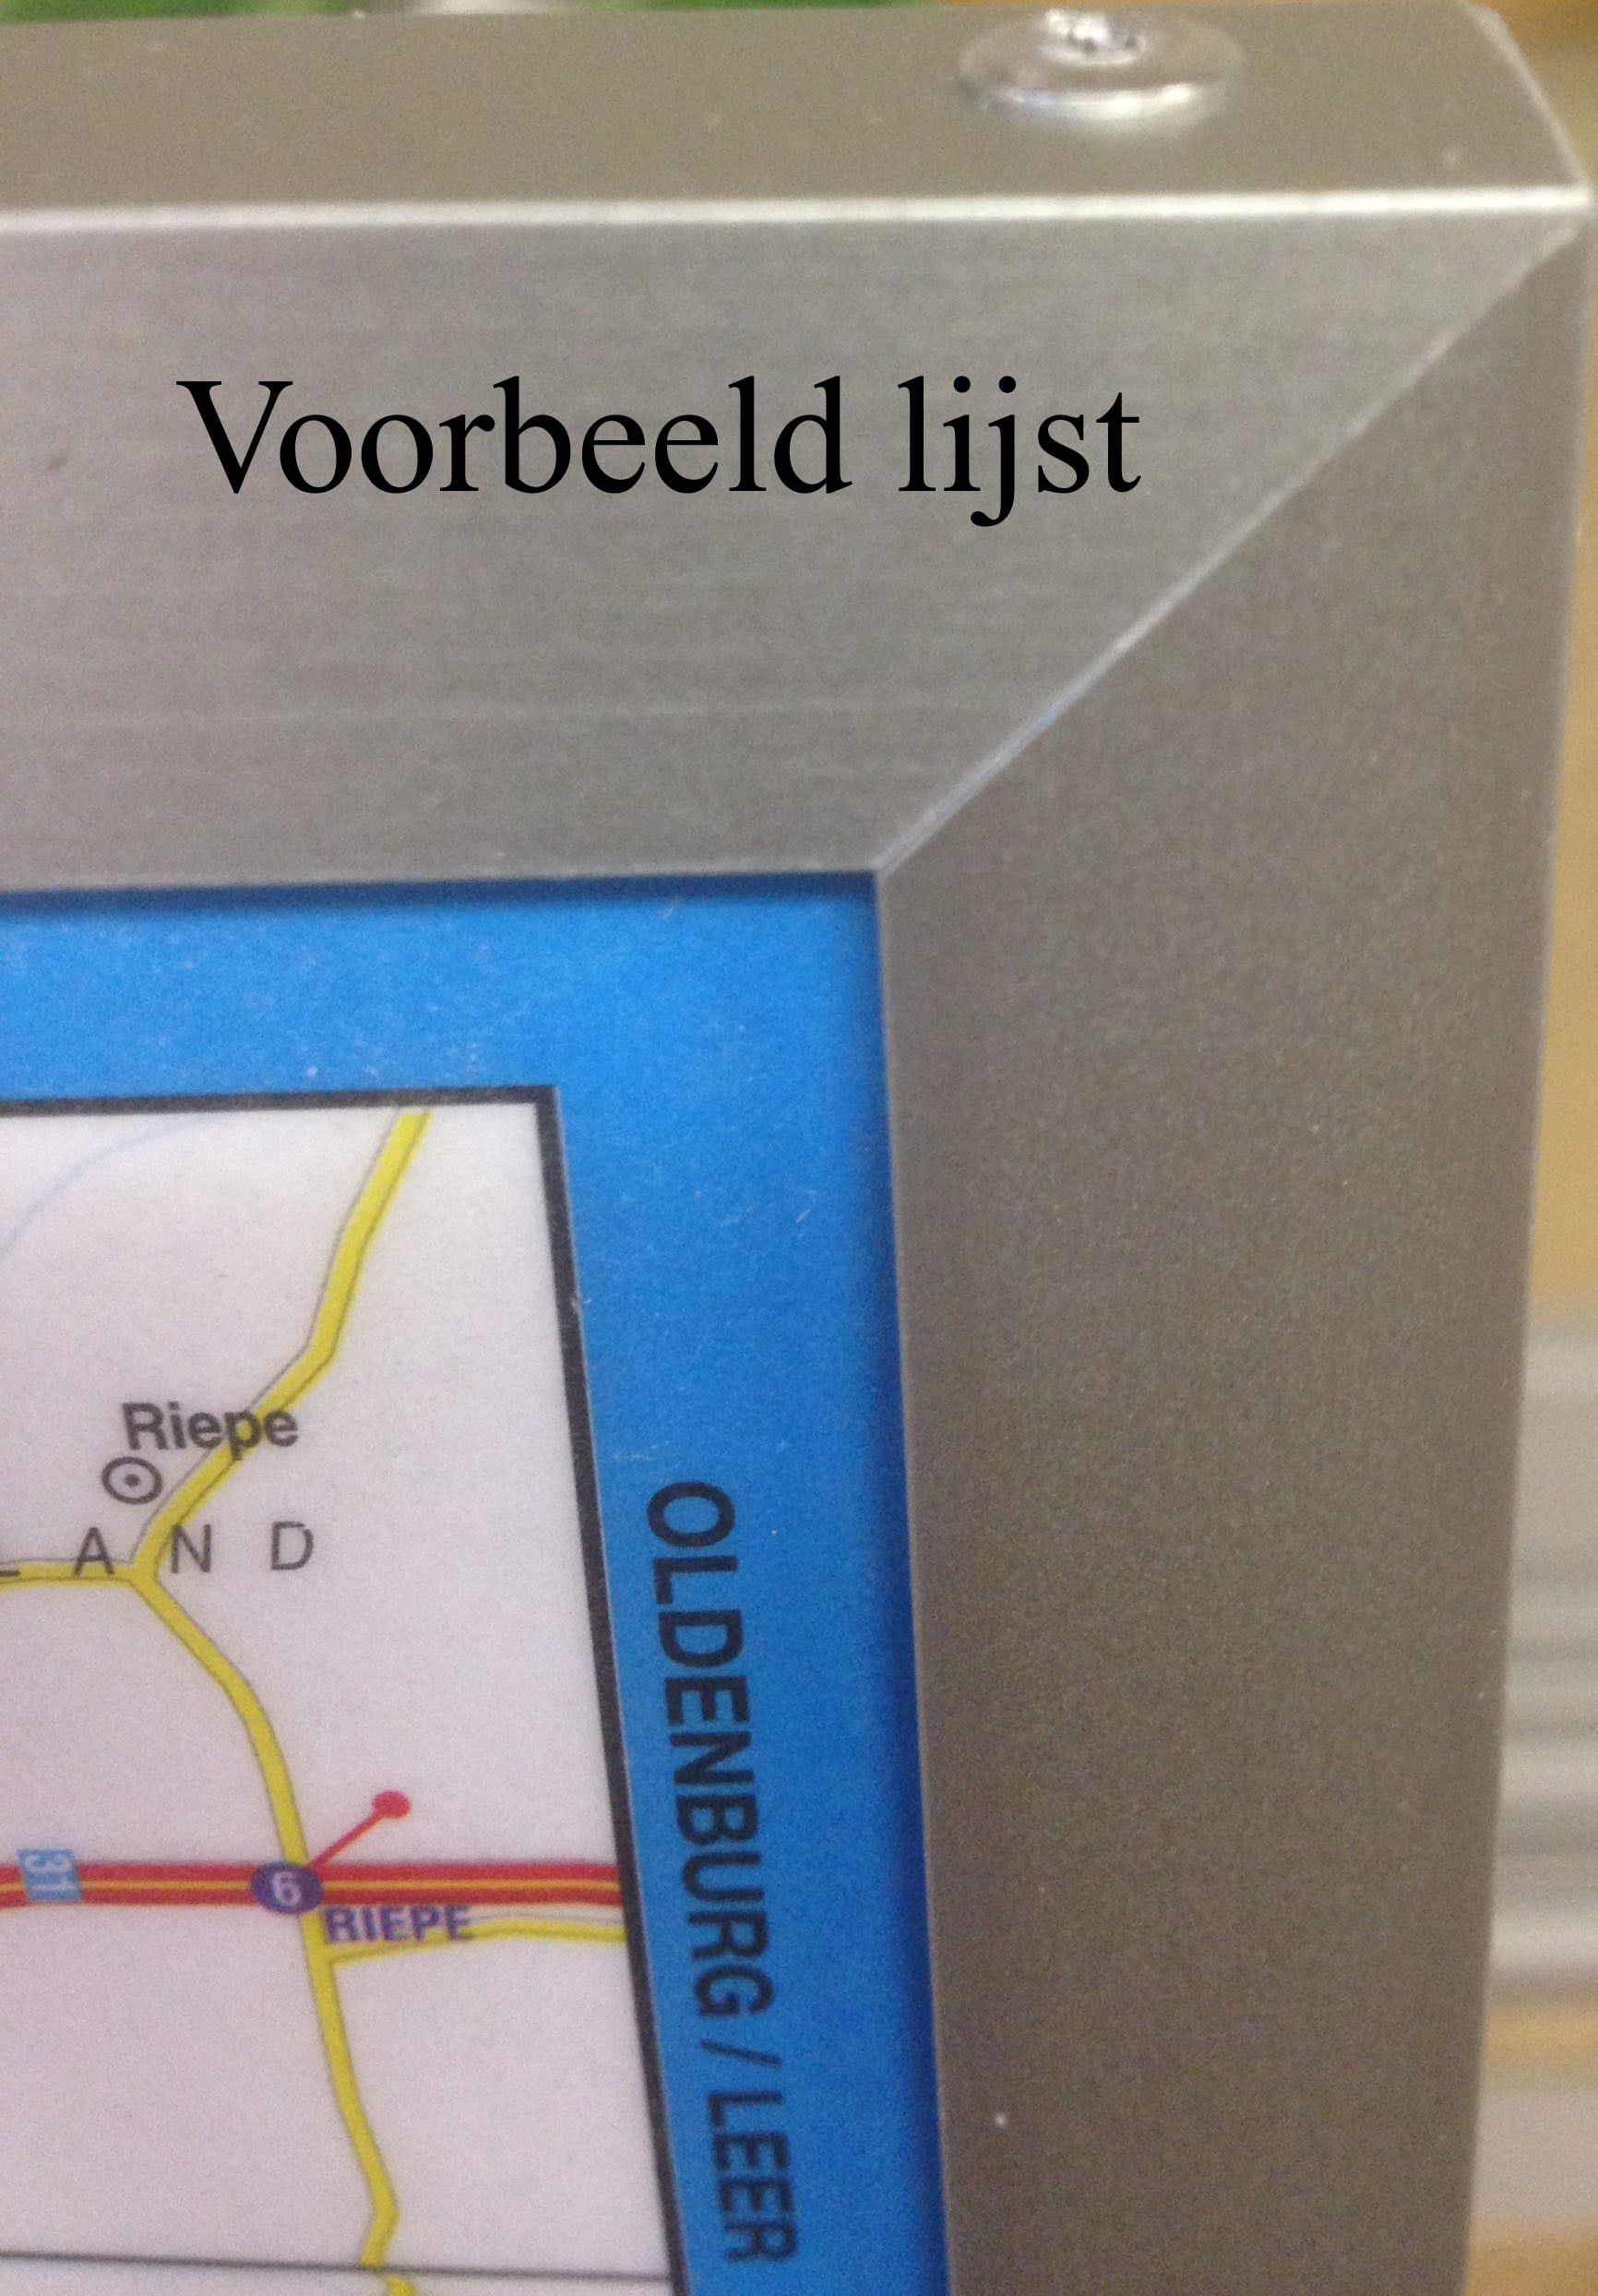 Provincie kaart Gelderland